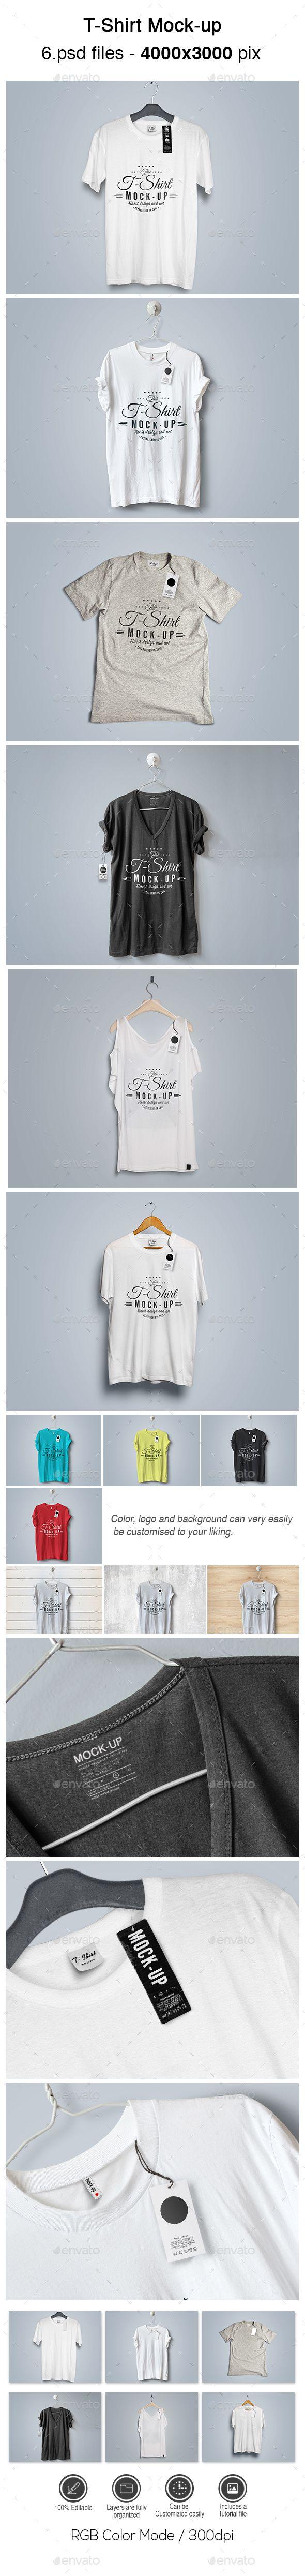 T-Shirt Mock-up #design Download: http://graphicriver.net/item/tshirt-mockup/13825761?ref=ksioks